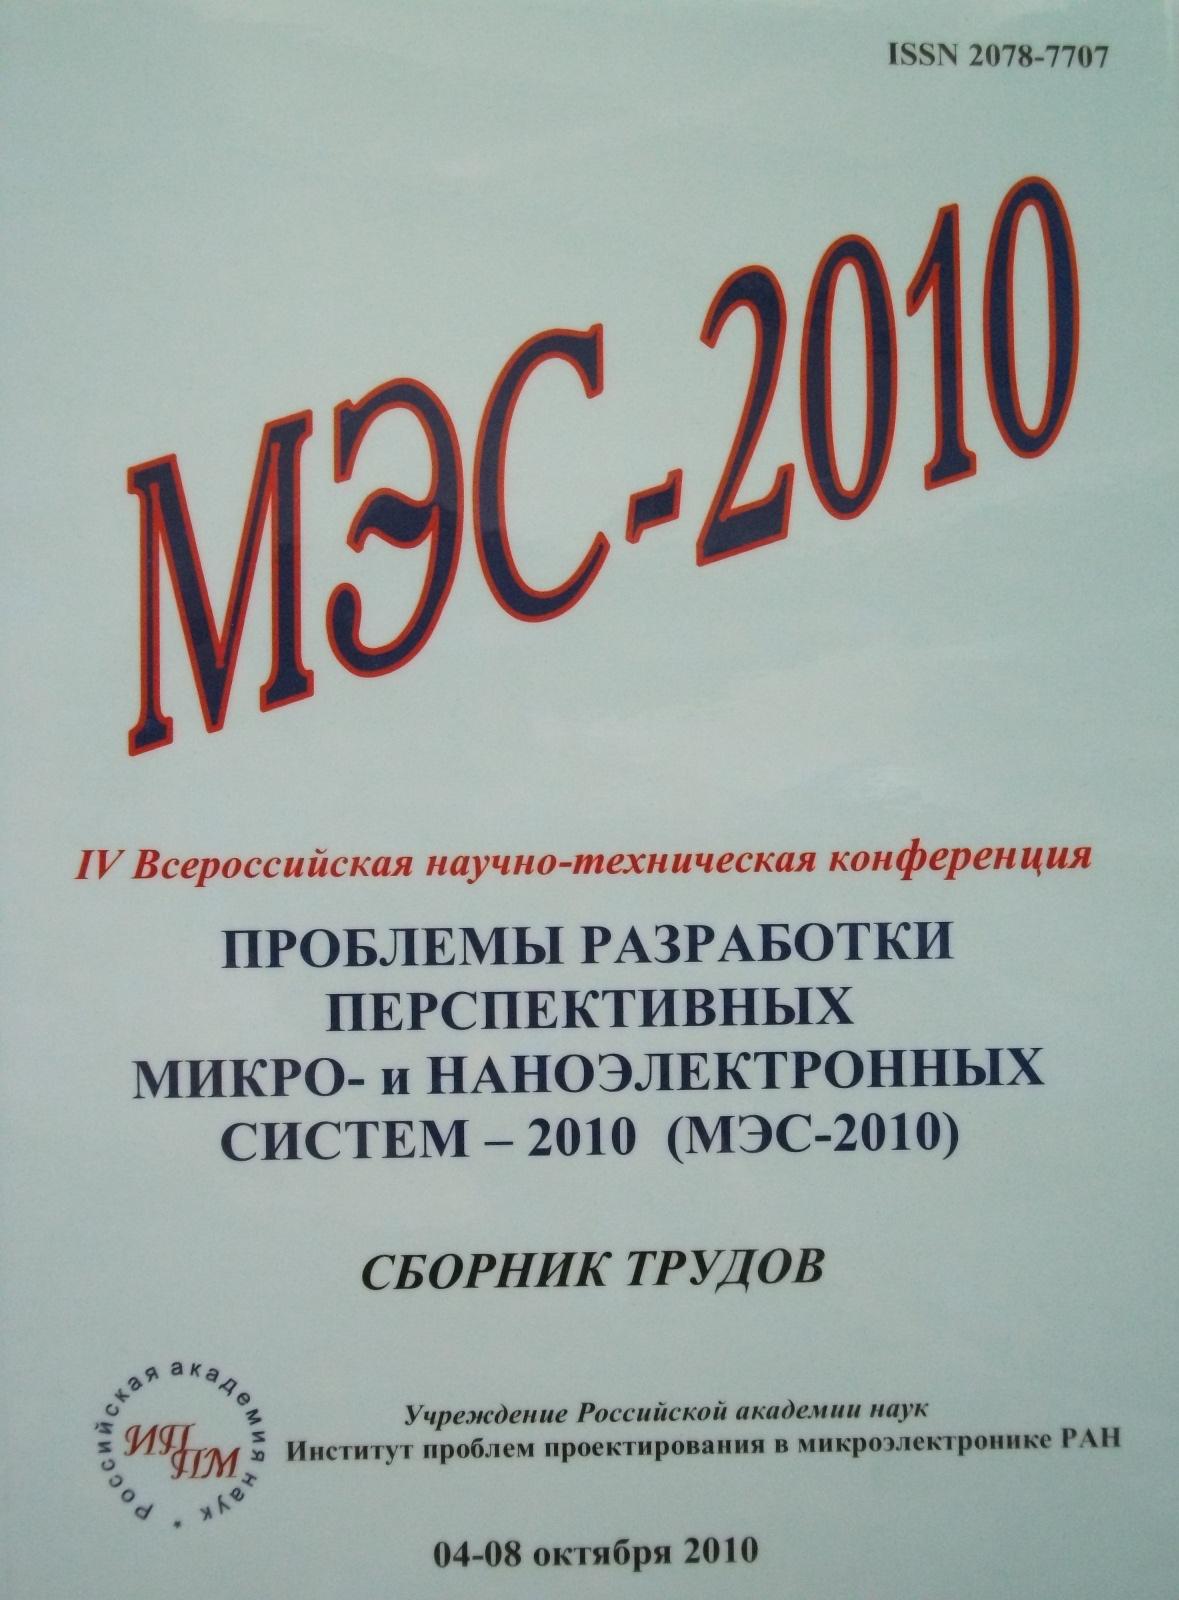 Проблемы разработки перспективных микро- и наноэлектронных систем - 2010. Сборник трудов